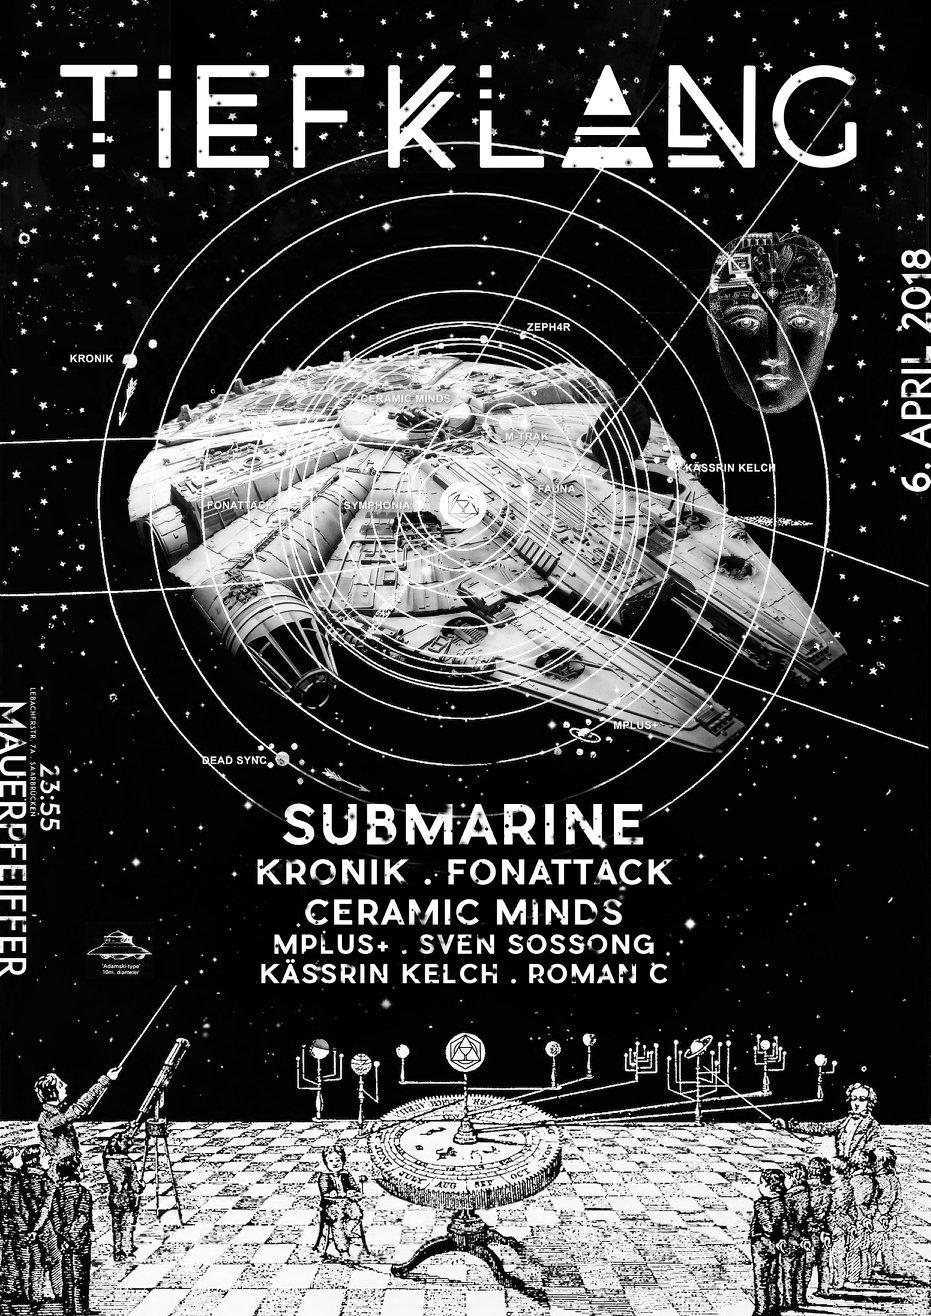 Tiefklang mit SubMarine (Cyberfunk, Demand)